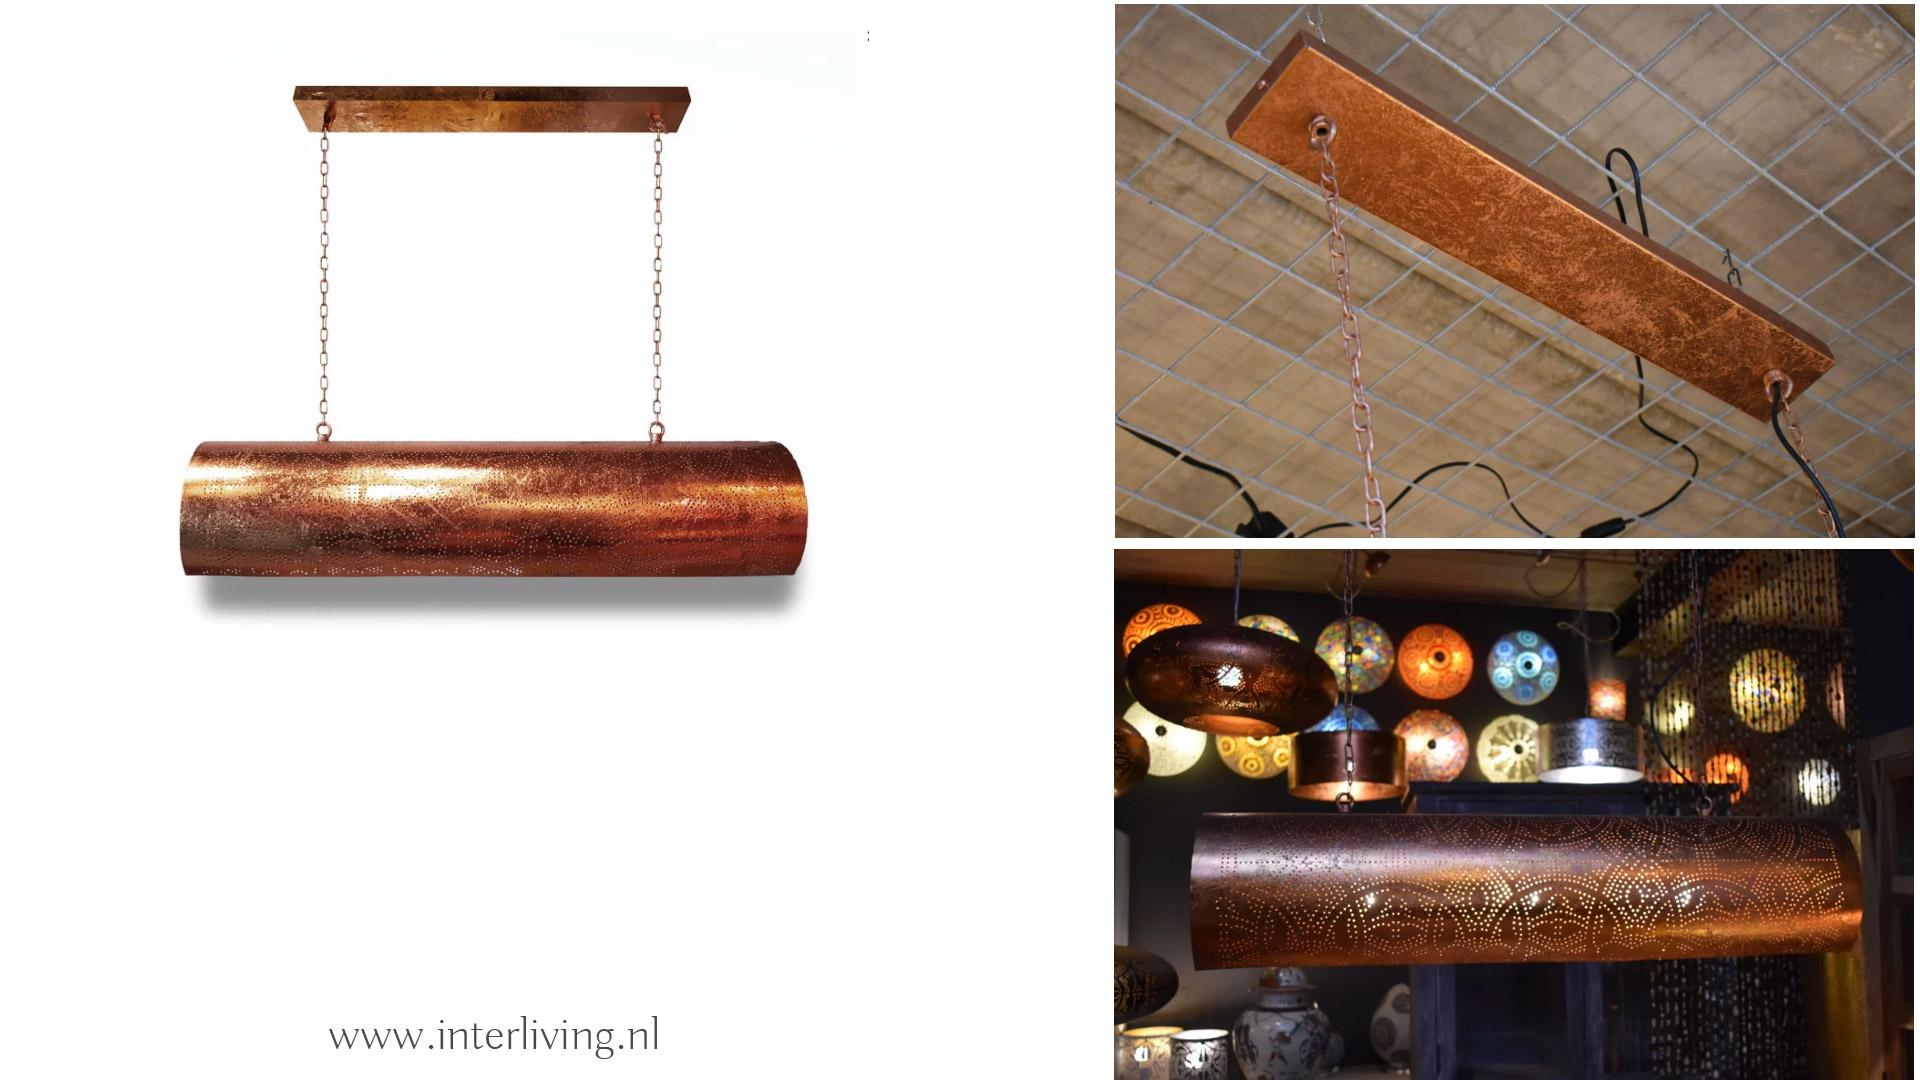 buis hanglamp van metaal voor de eettafel - loftbar lamp van koper kleurig vintage metaal